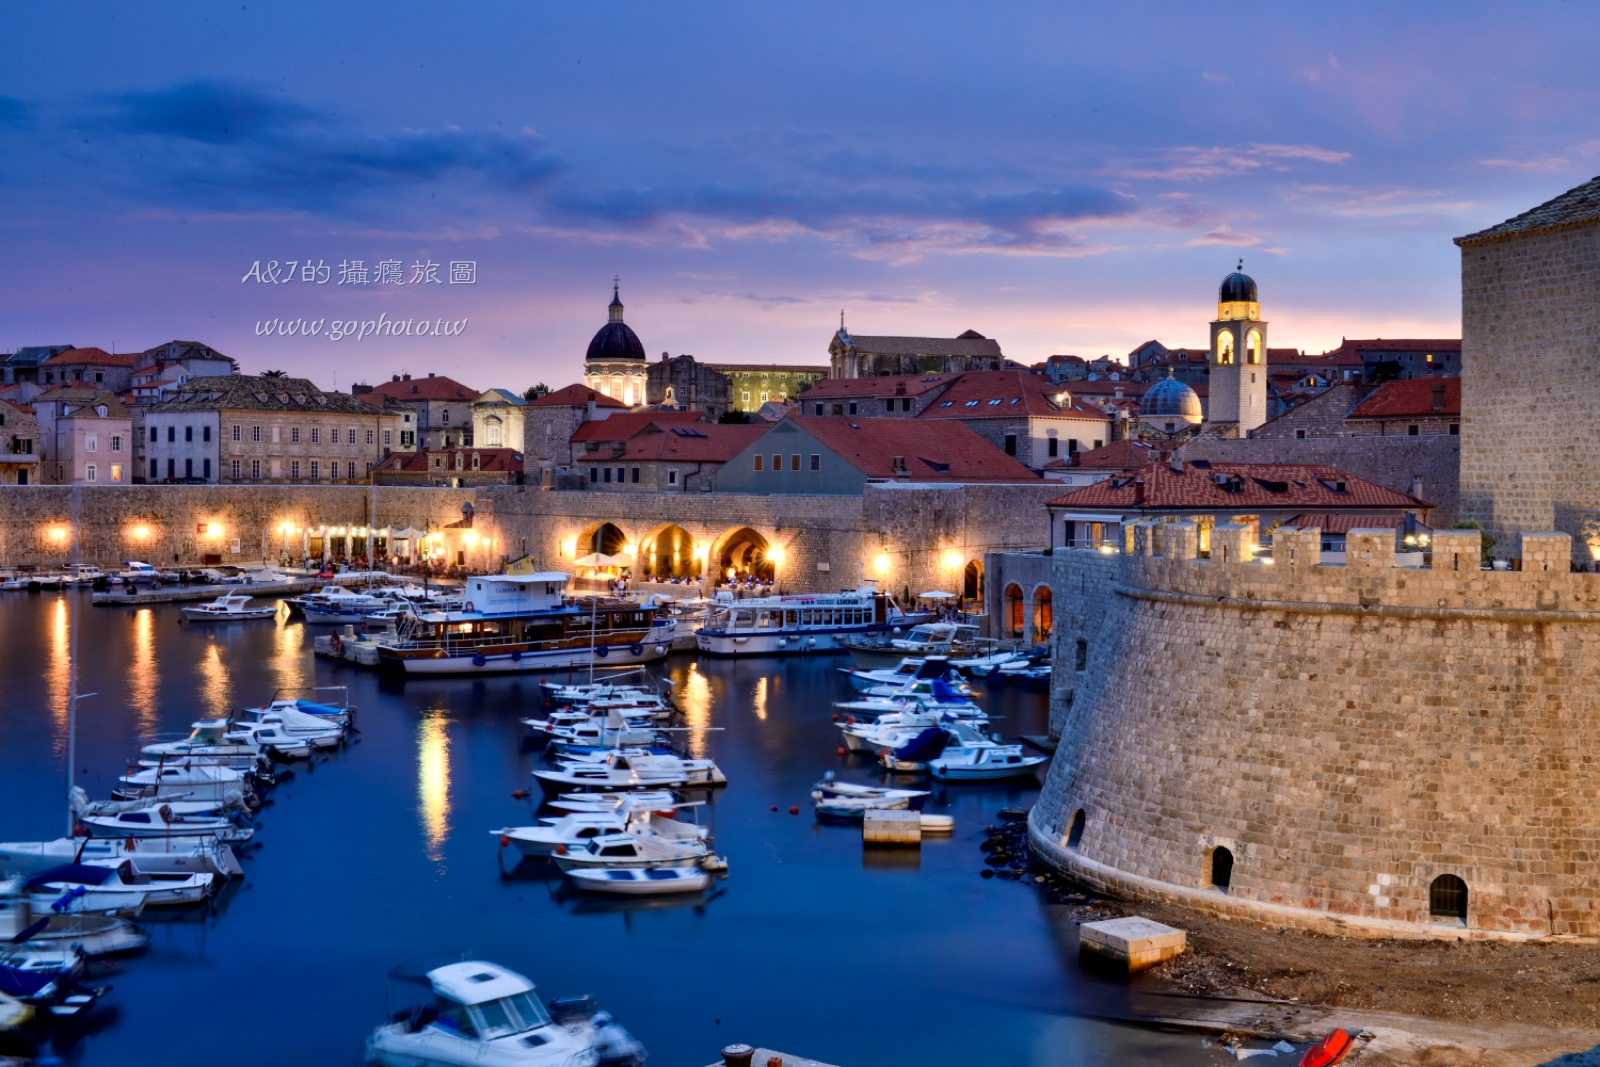 2015。秋遊 || 波赫、克羅埃西亞、蒙特內哥羅、斯洛維尼亞、義大利...